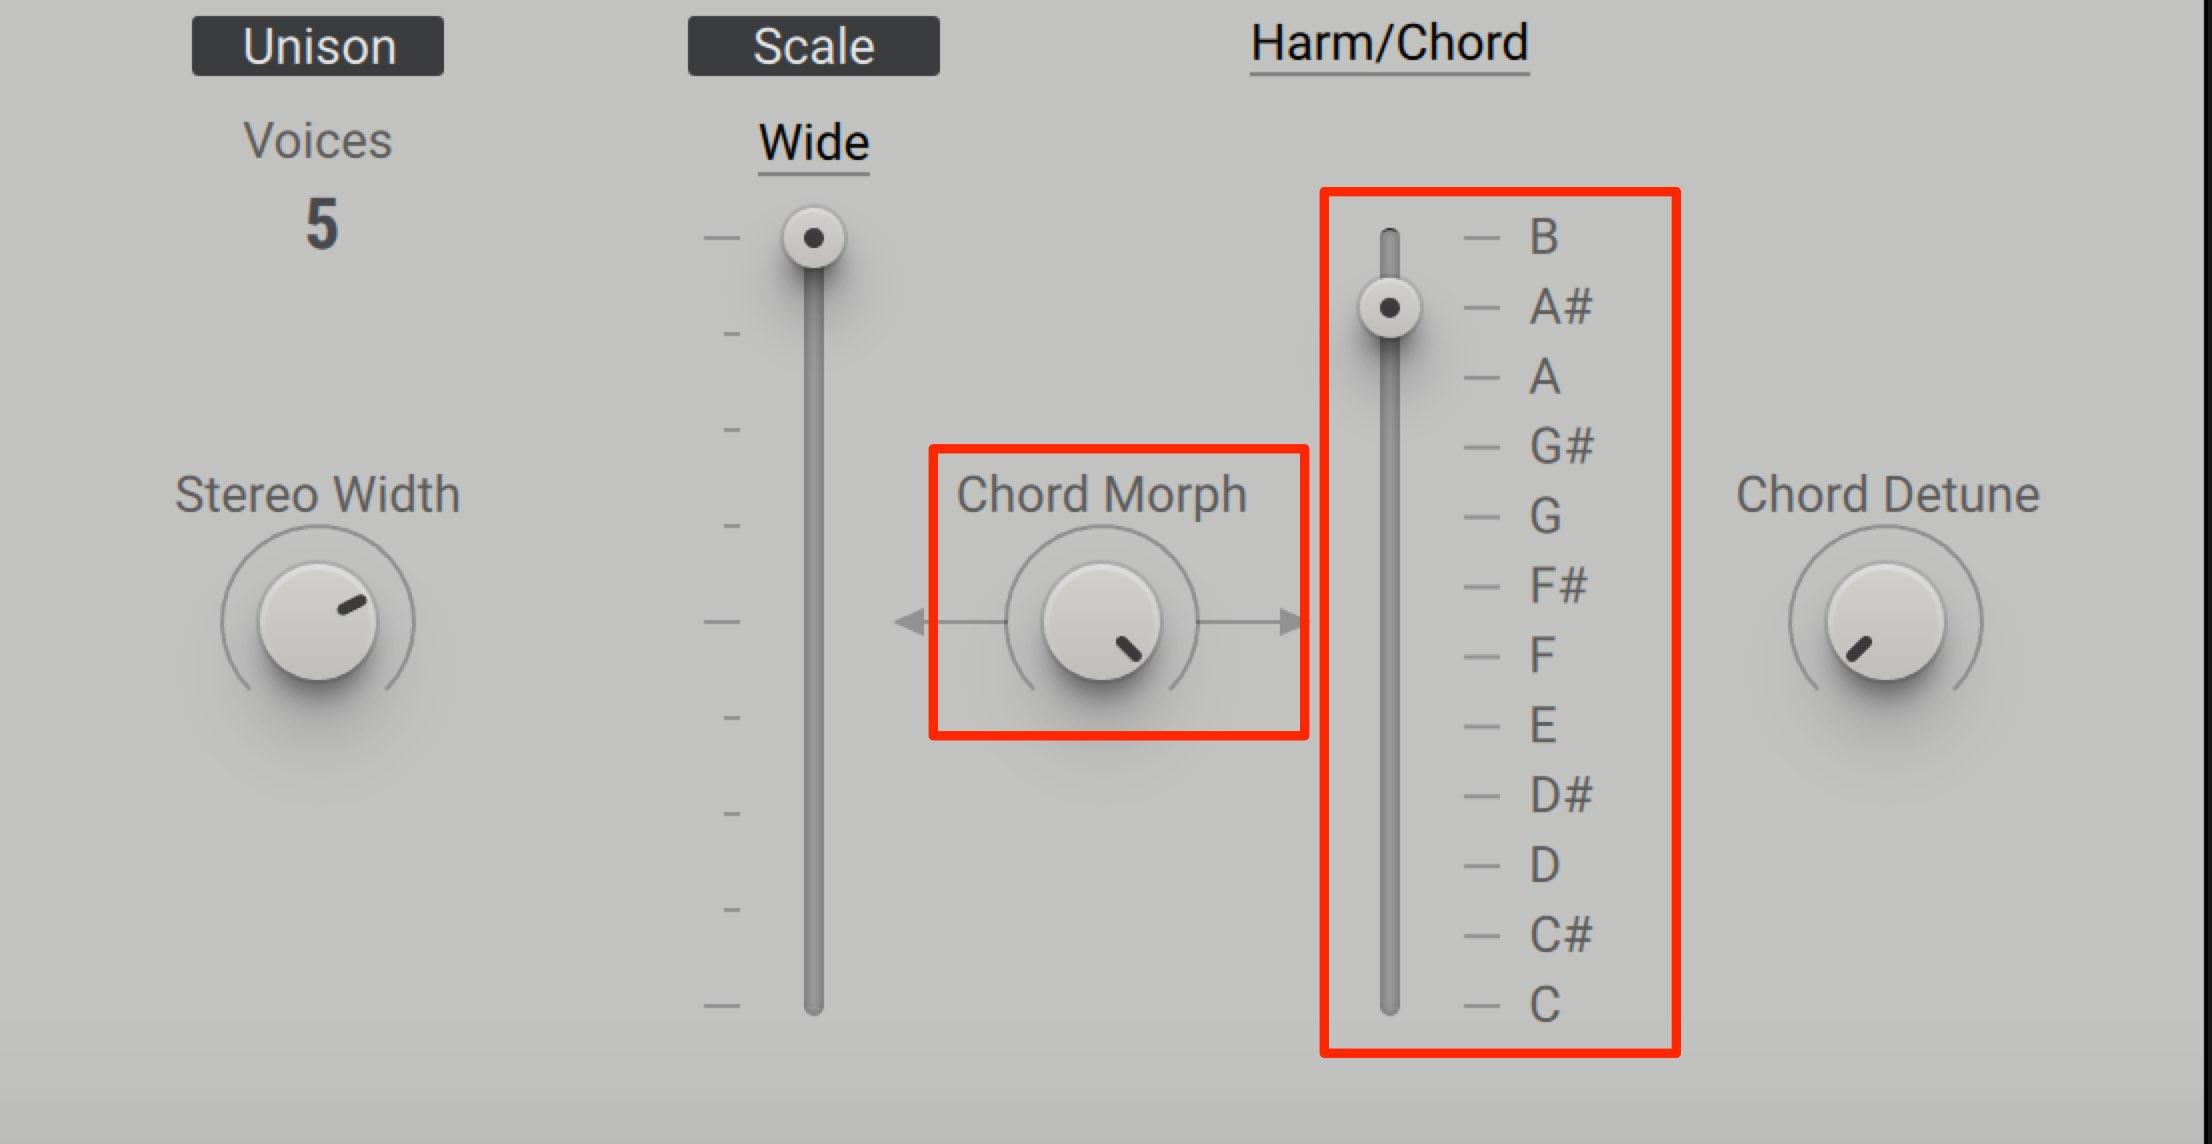 Chord Morph